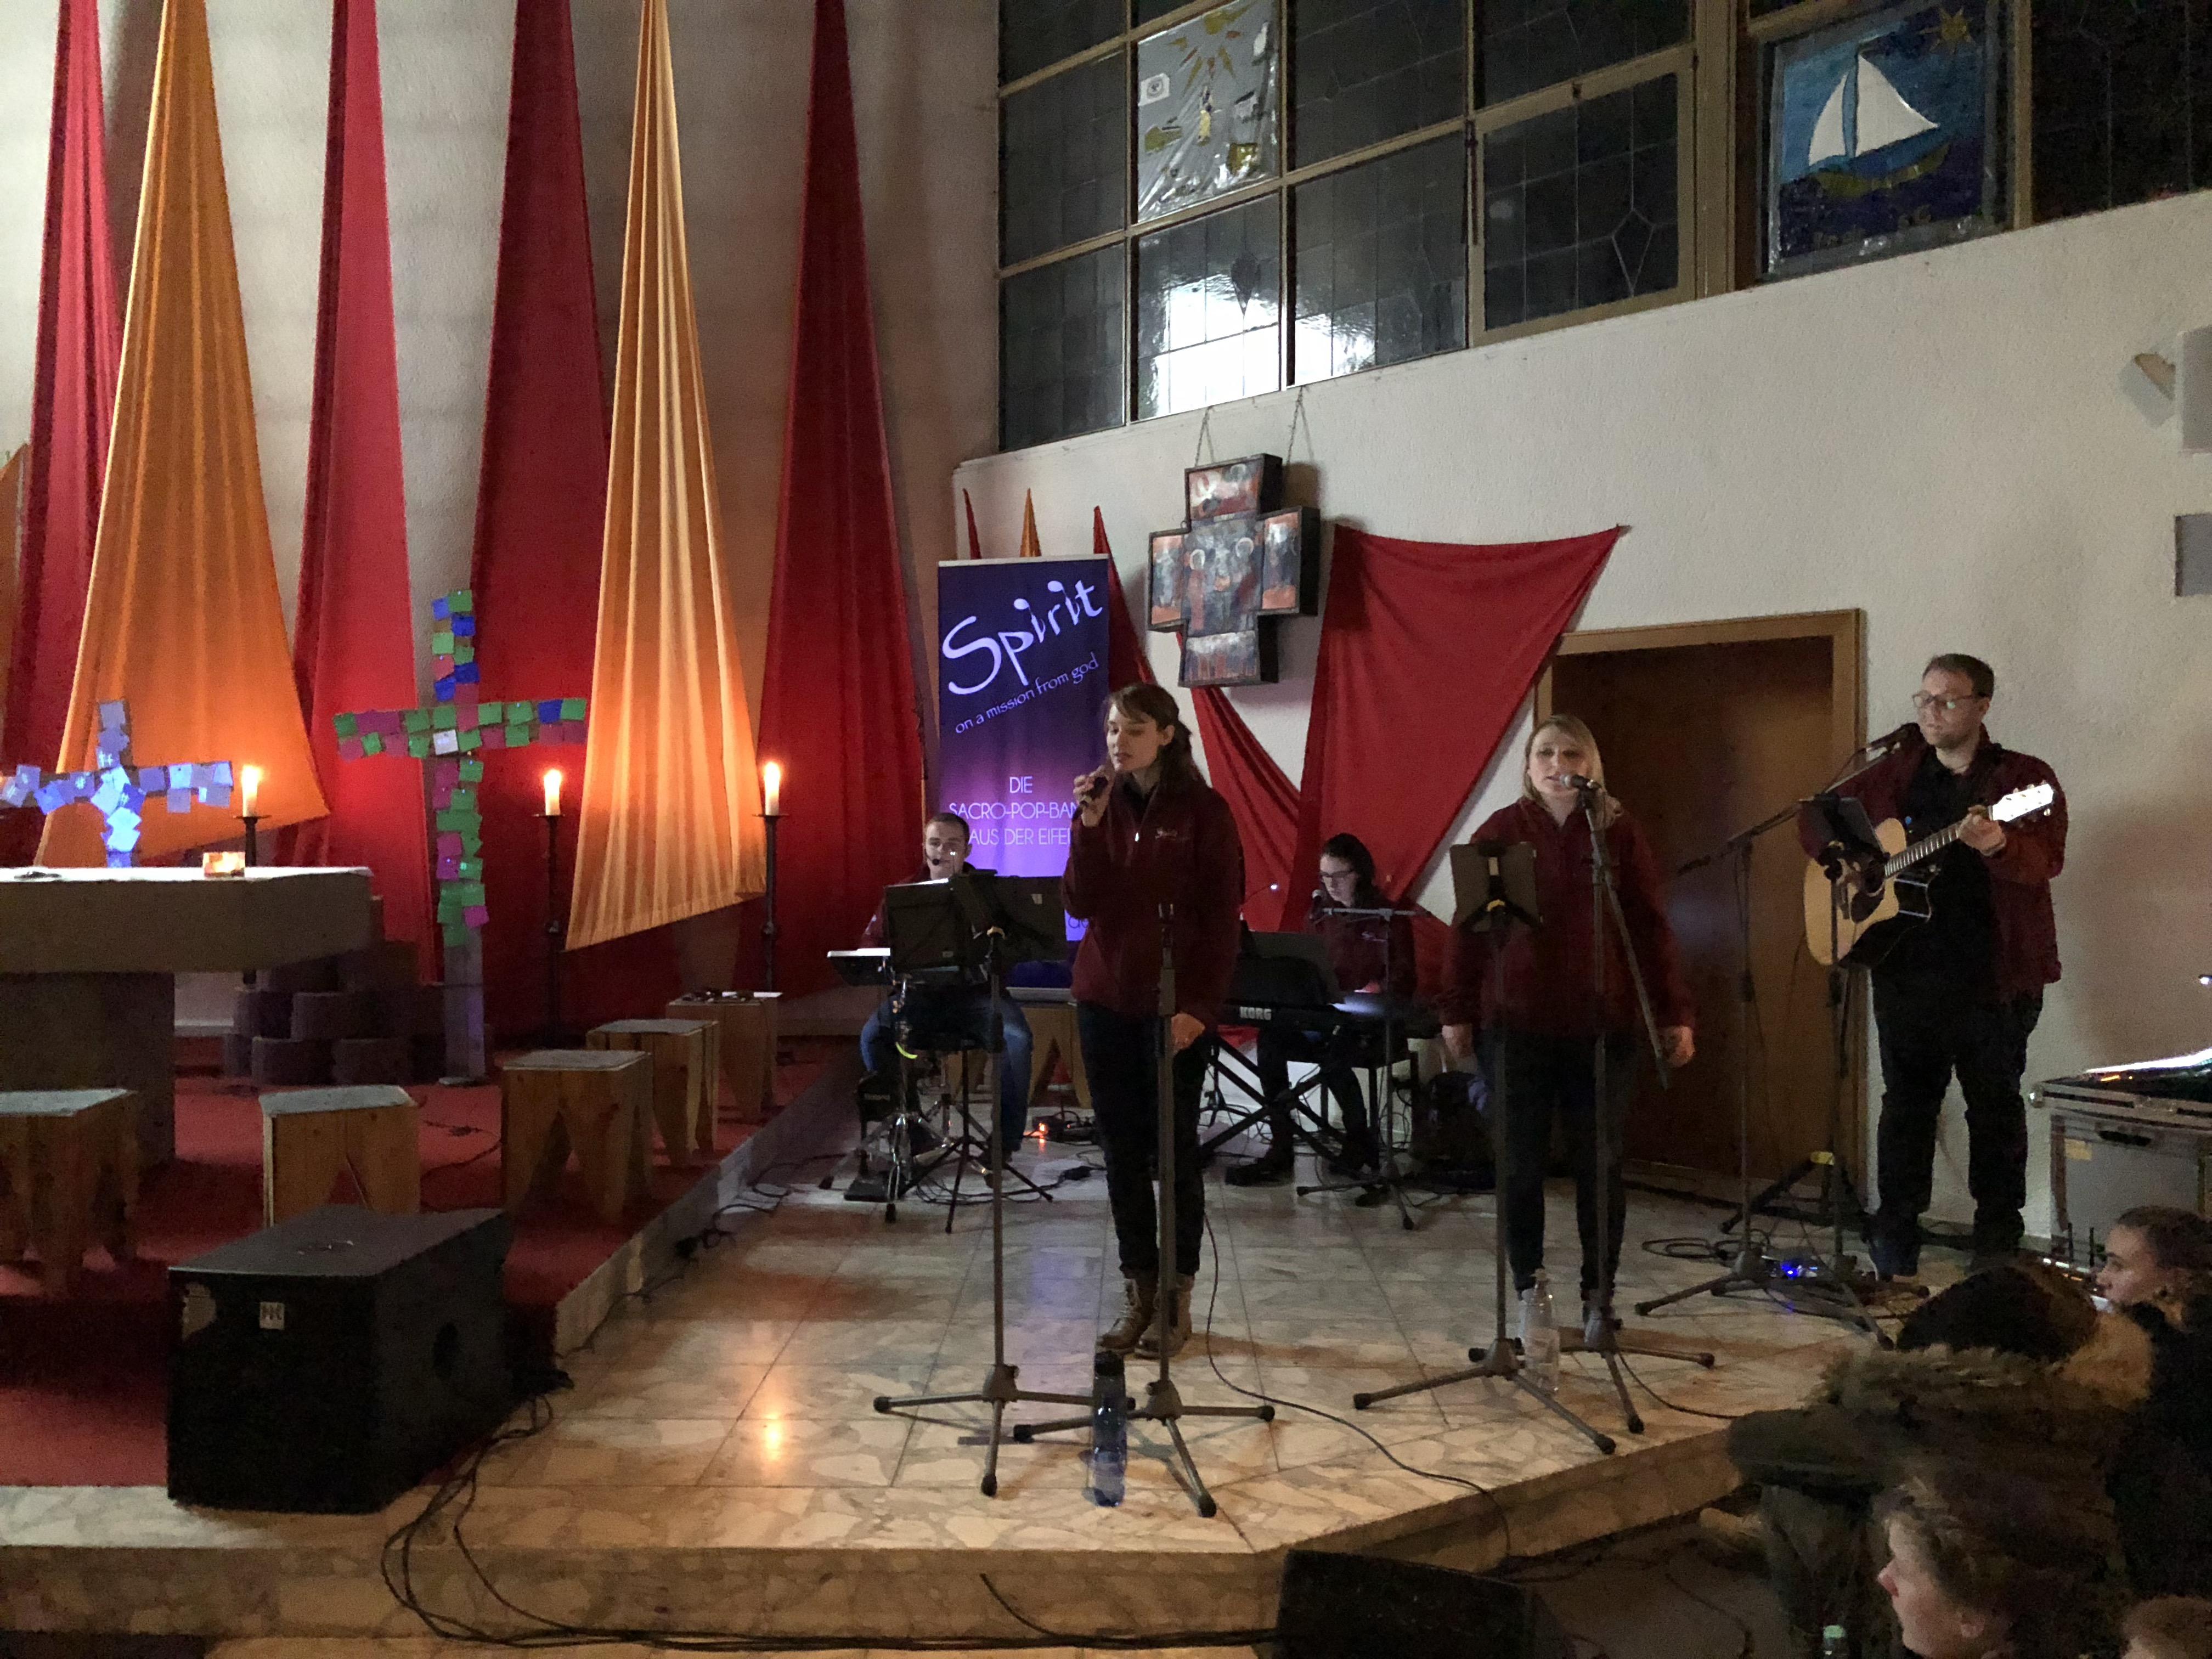 Bilder - Kreuzweg - der - Jugend - Urft - Jugendkirche - 5